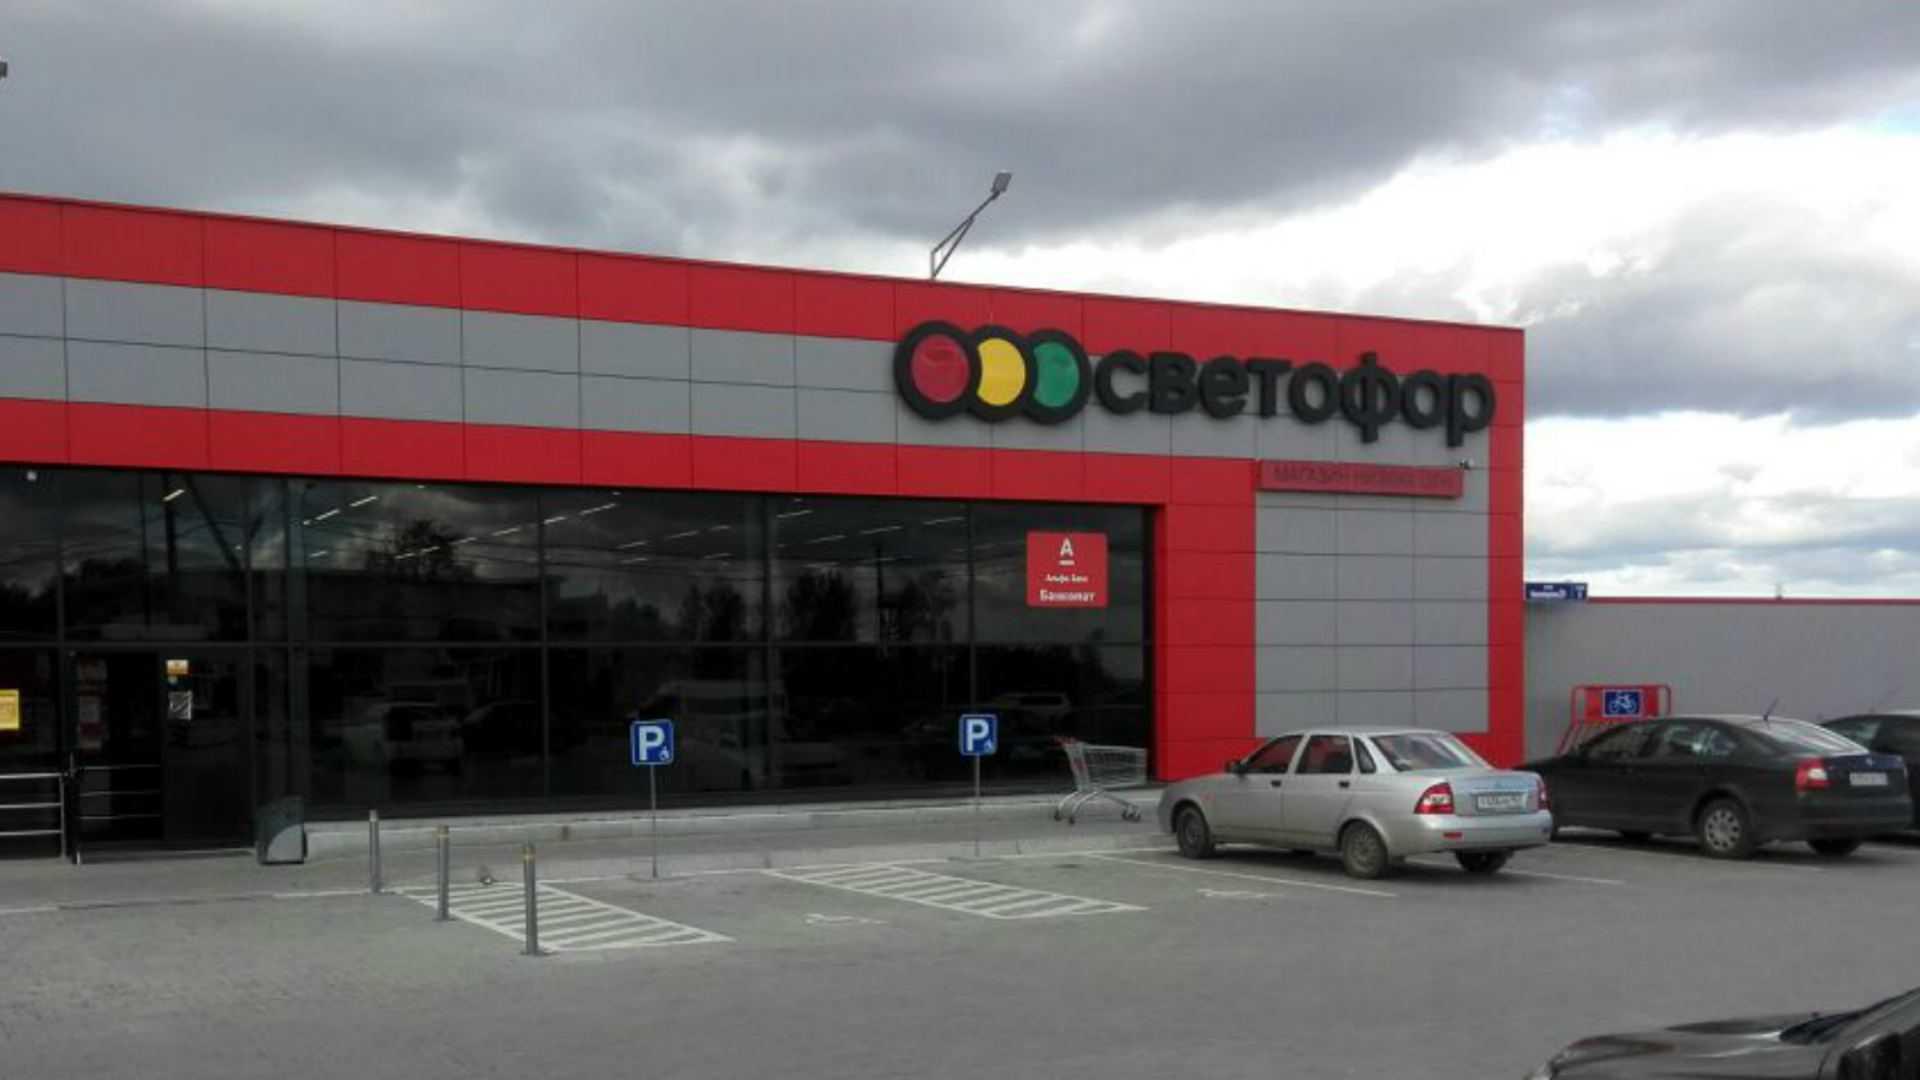 Магазины-склады с дешёвыми продуктами: что известно о «таинственной» сети «Светофор»